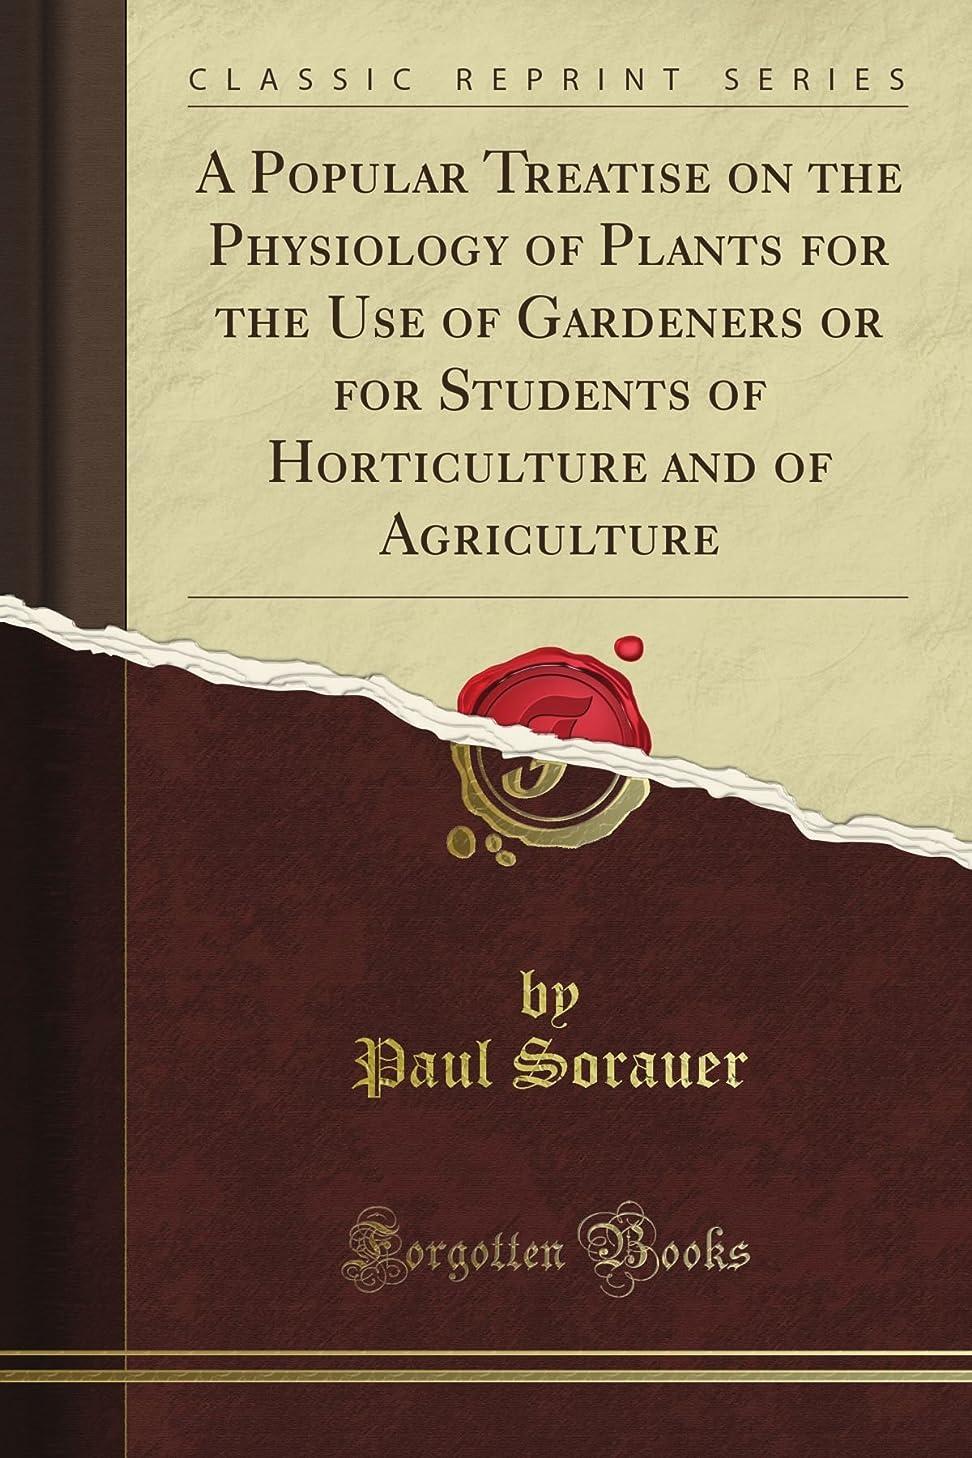 知覚的賃金辞任するA Popular Treatise on the Physiology of Plants for the Use of Gardeners or for Students of Horticulture and of Agriculture (Classic Reprint)